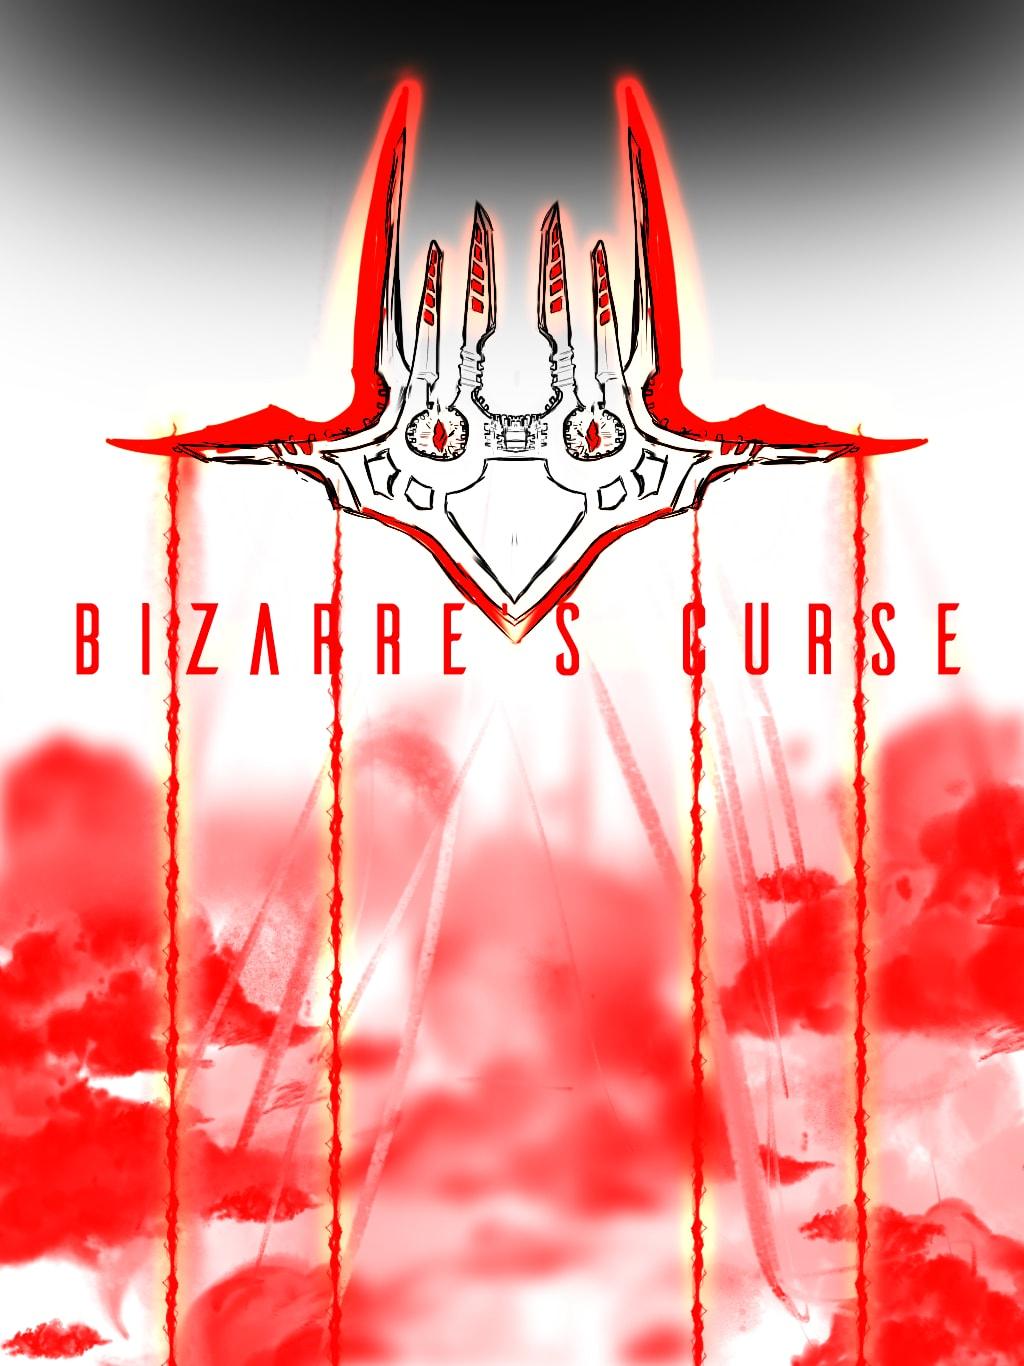 Bizarre's Curse